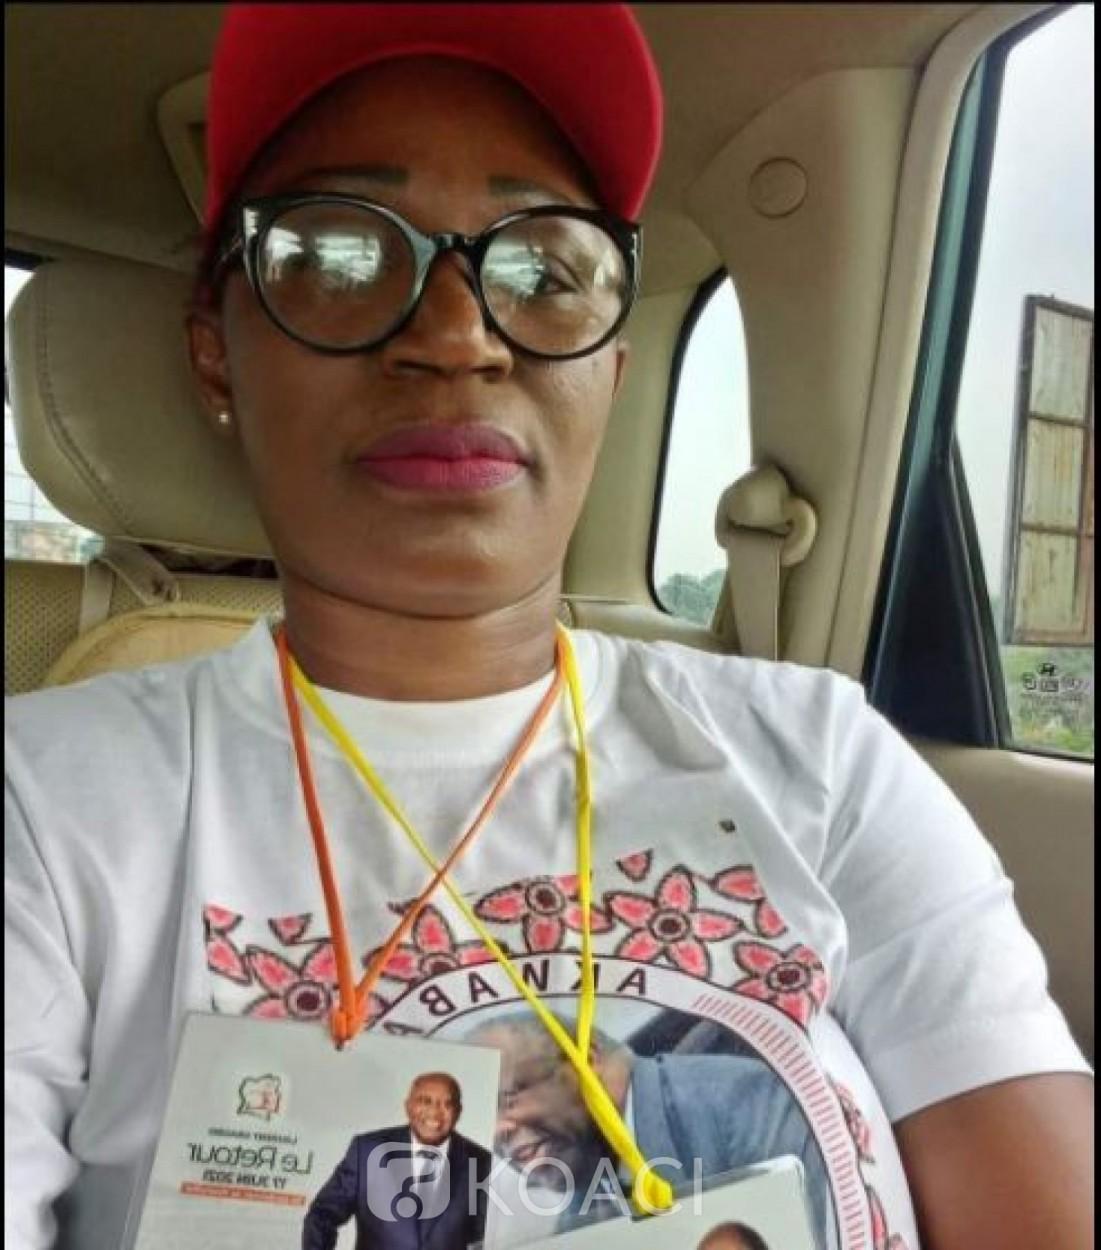 Côte d'Ivoire : L'activiste  Arlette Zaté pas encore jugée la présomption d'innocence dont elle jouit actuellement doit être  respectée, martèle son avocat